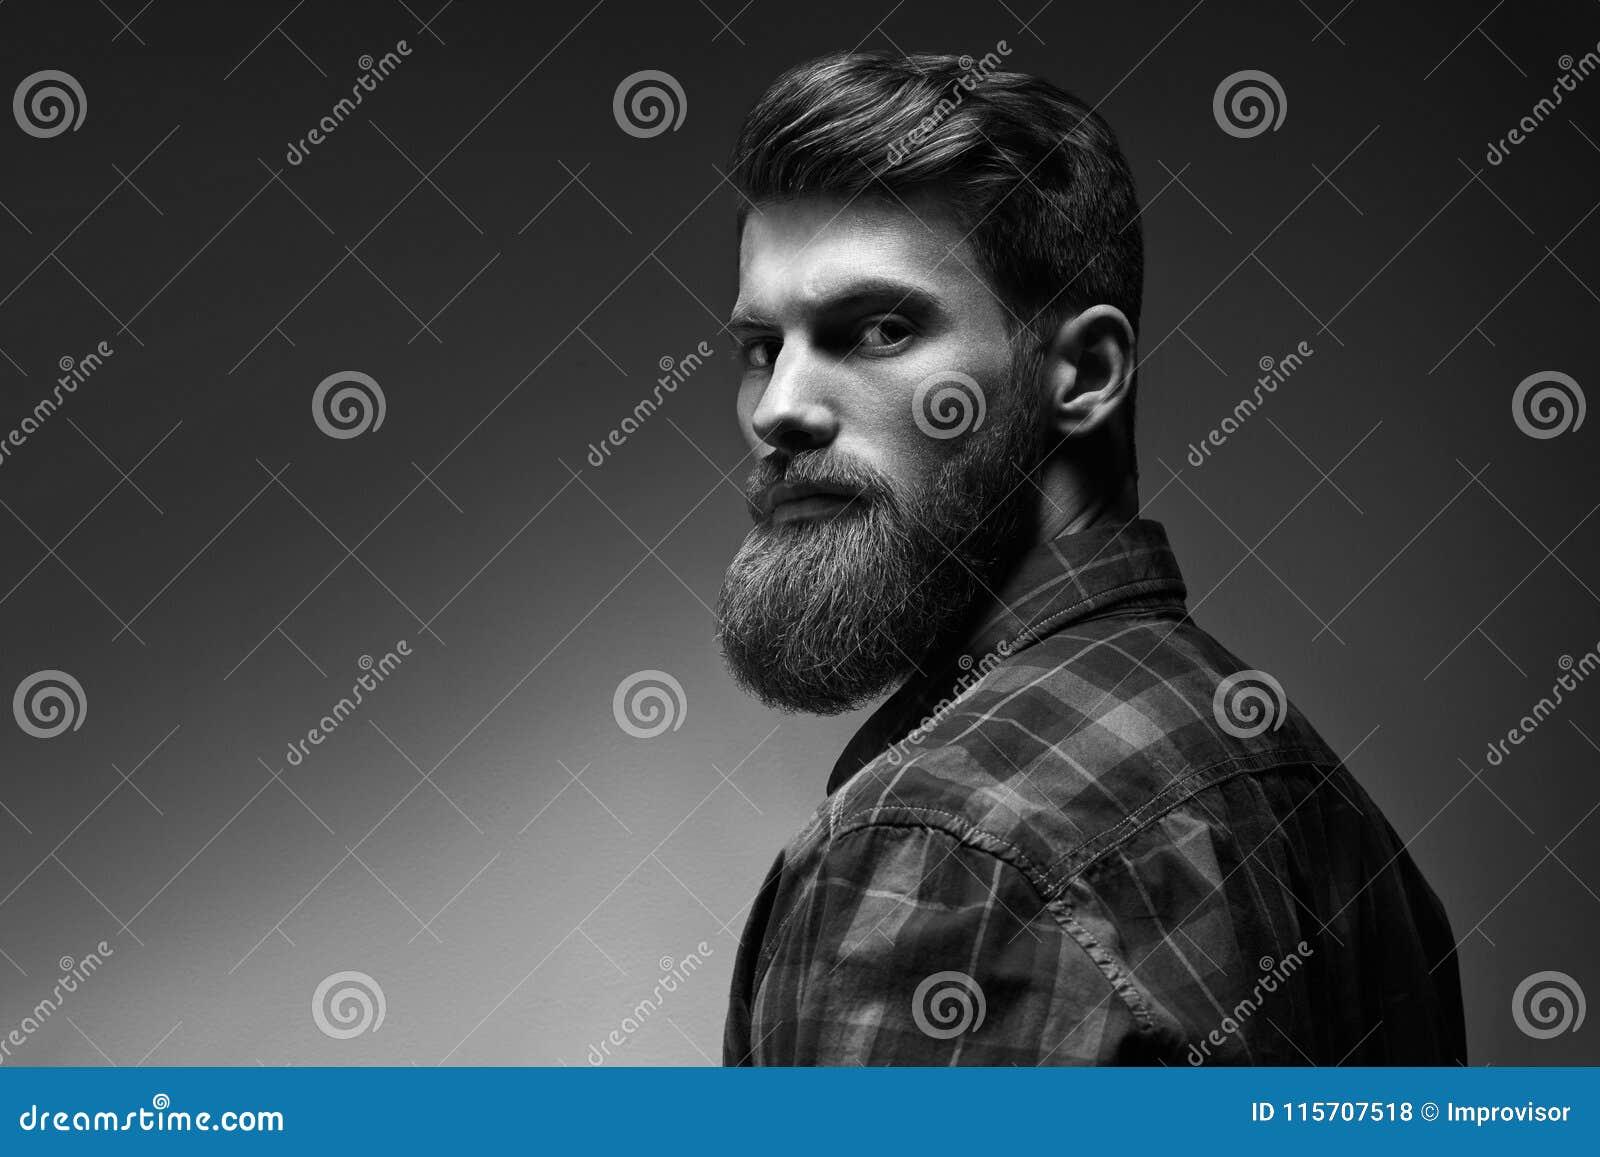 Retrato blanco y negro del hombre hermoso barbudo en un humor pensativo